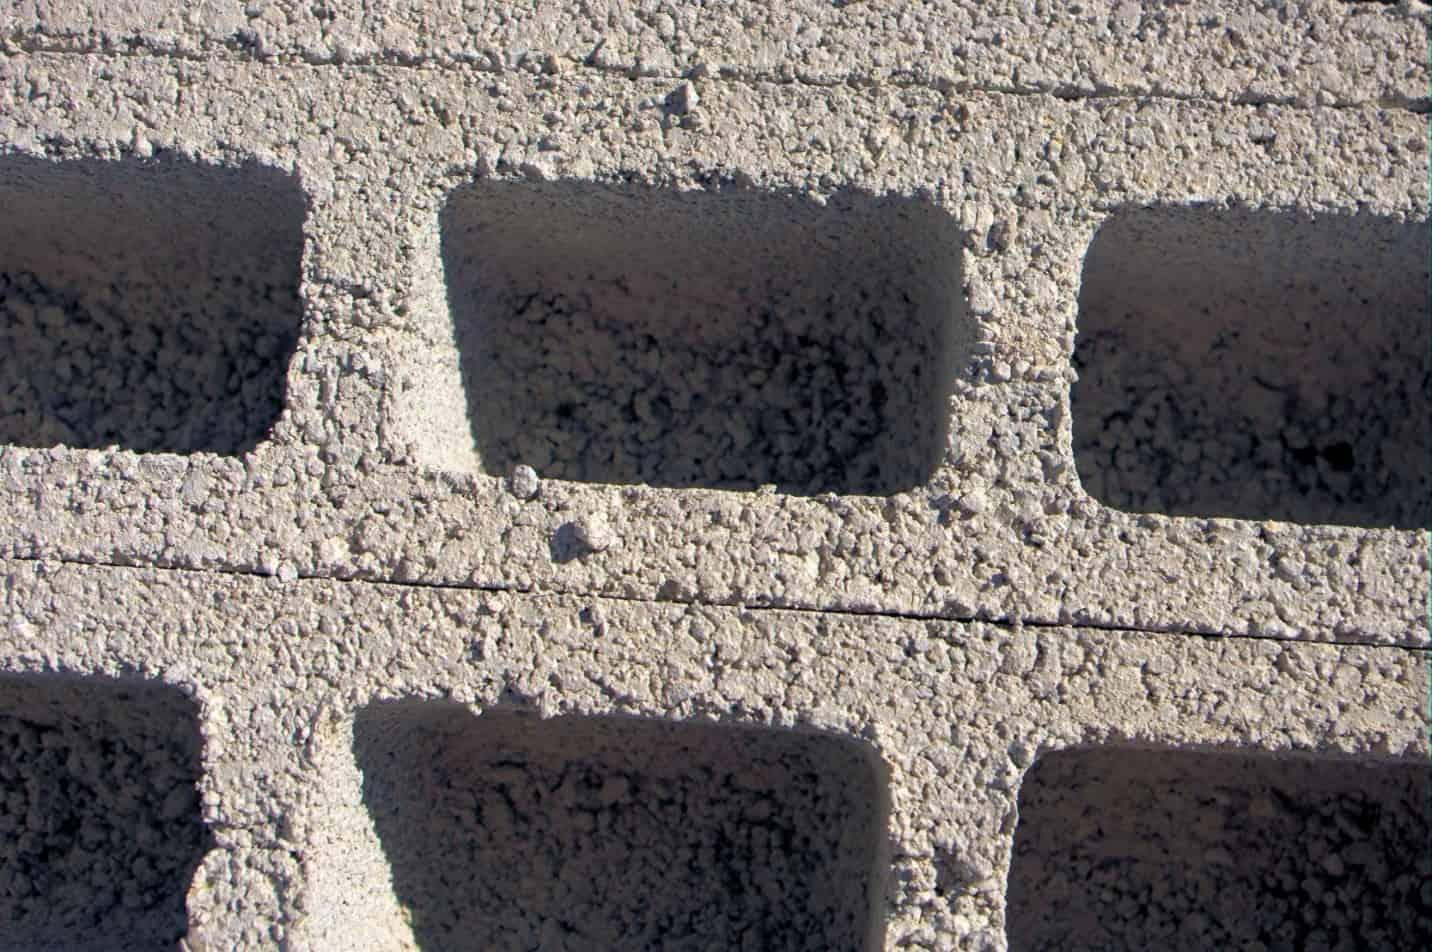 Cinder block closeup